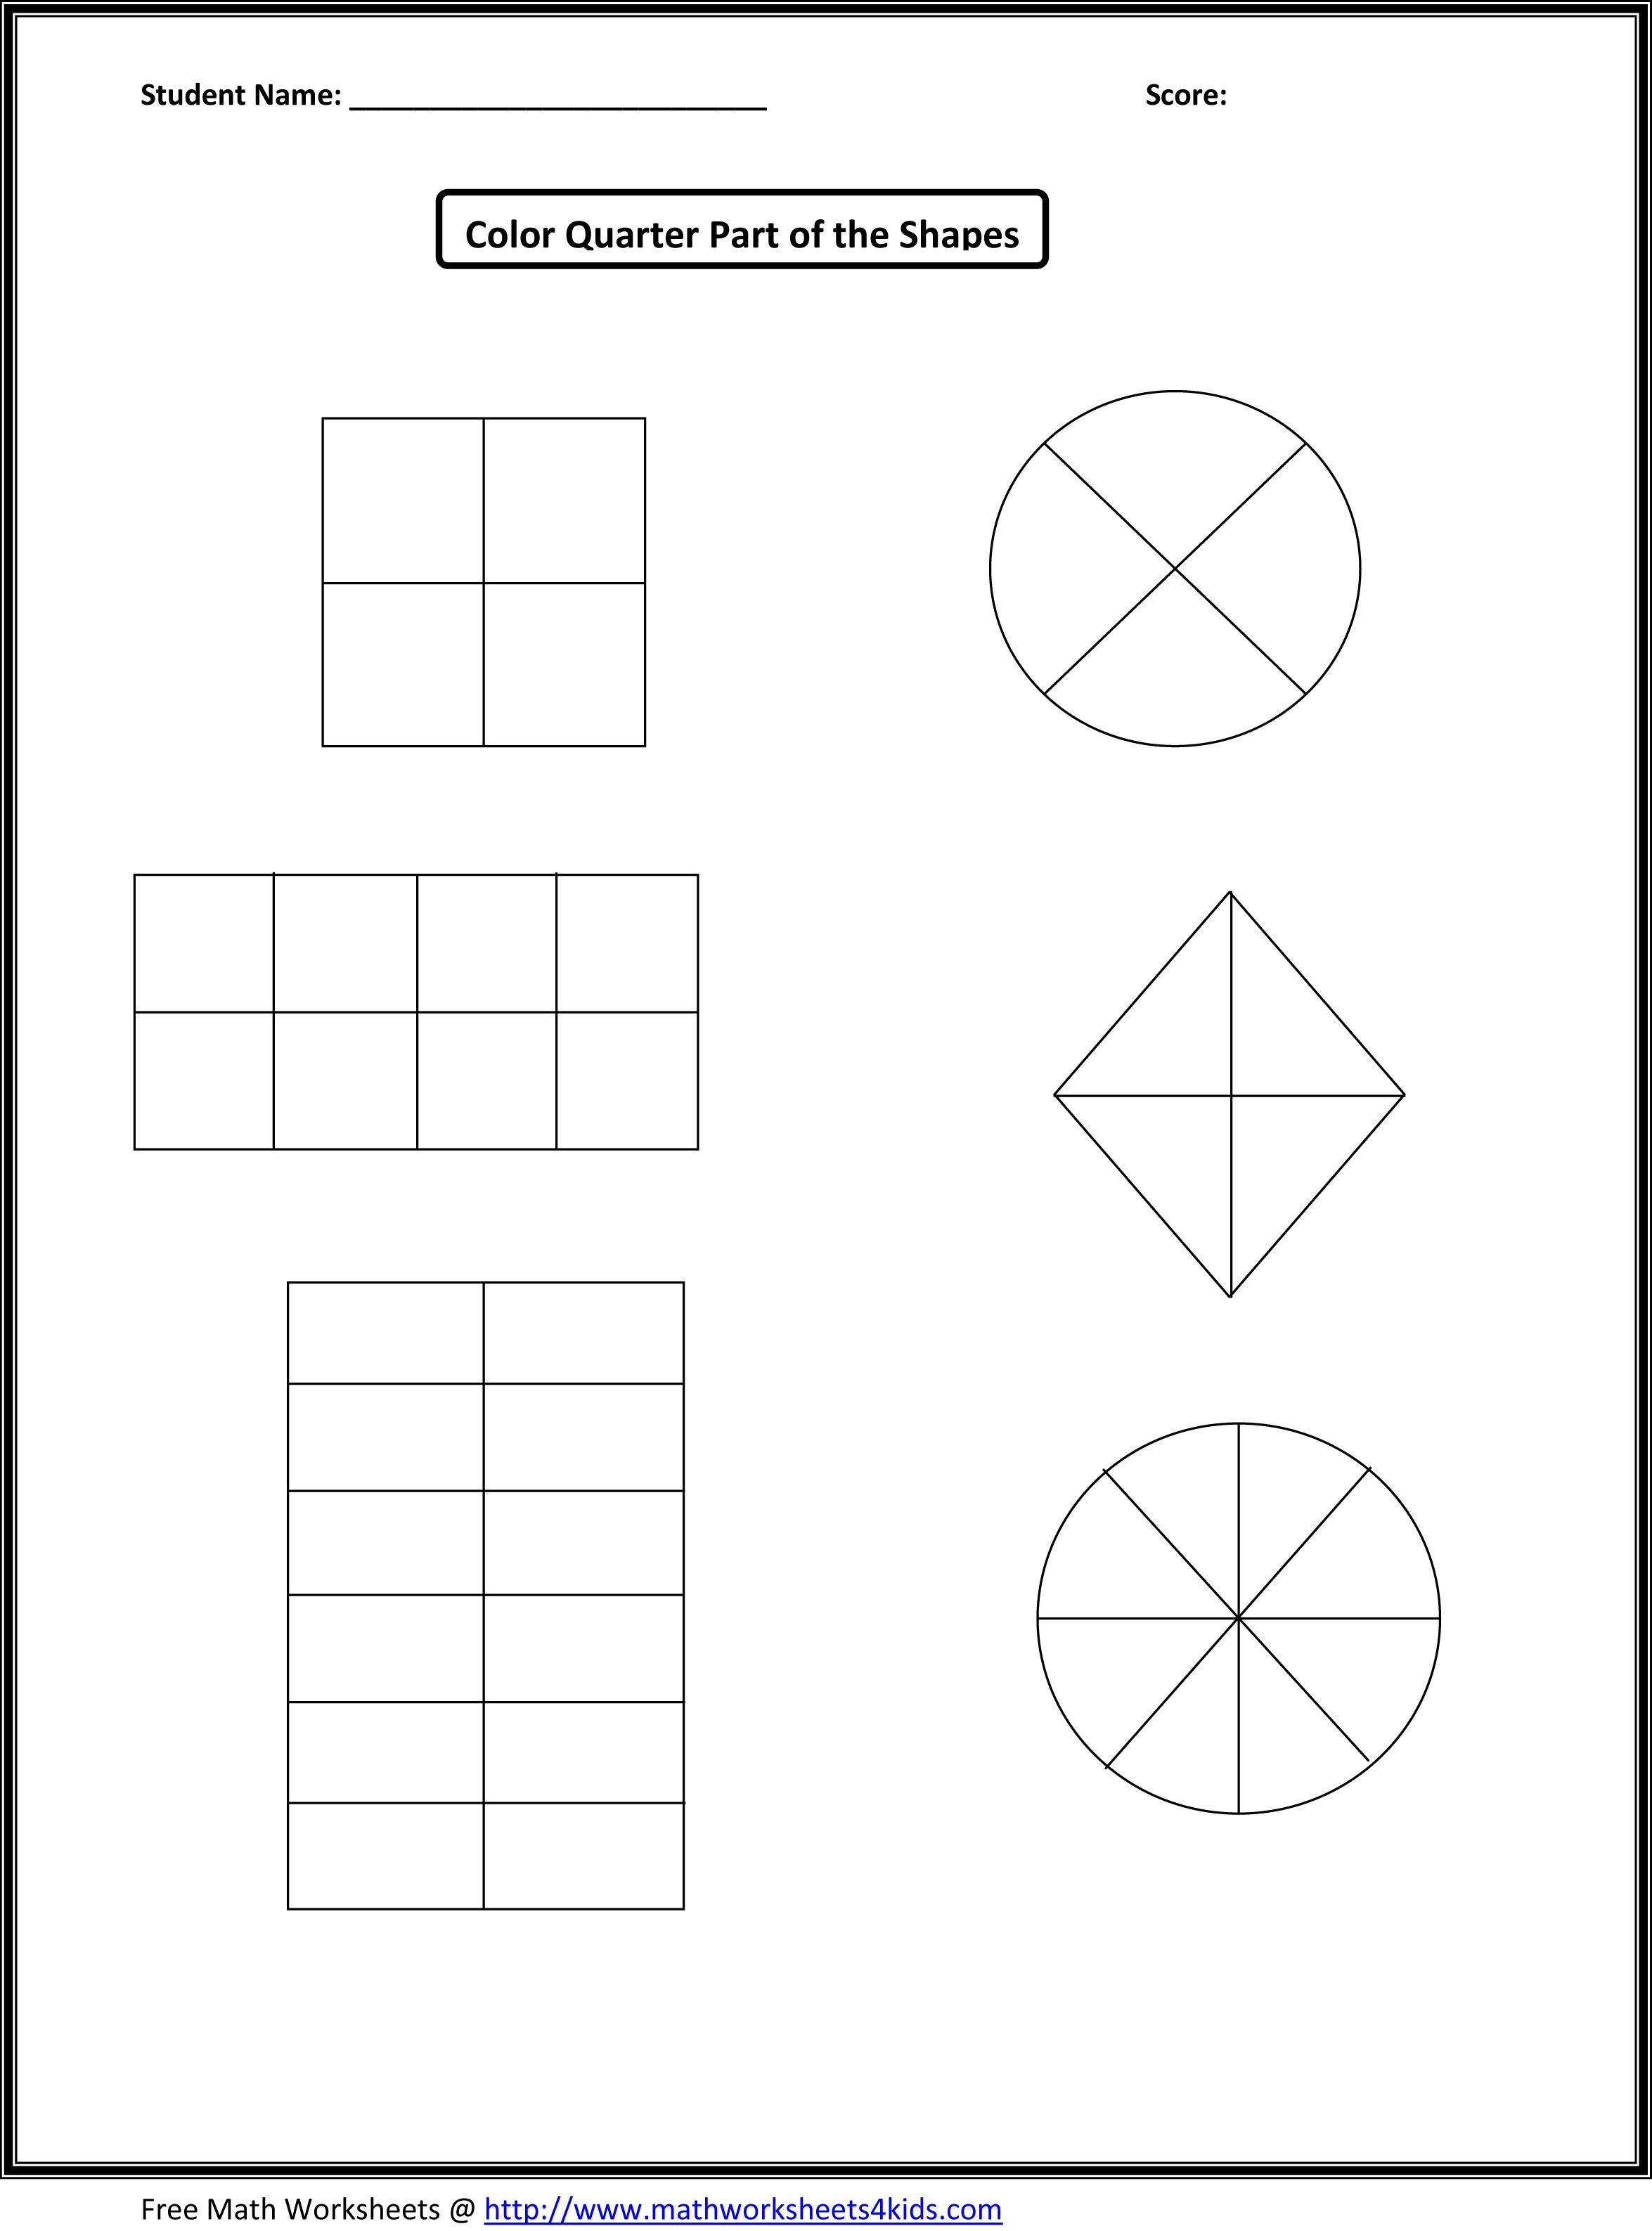 First Grade Fraction Worksheets For Download Free - Math Worksheet - Free Printable First Grade Fraction Worksheets